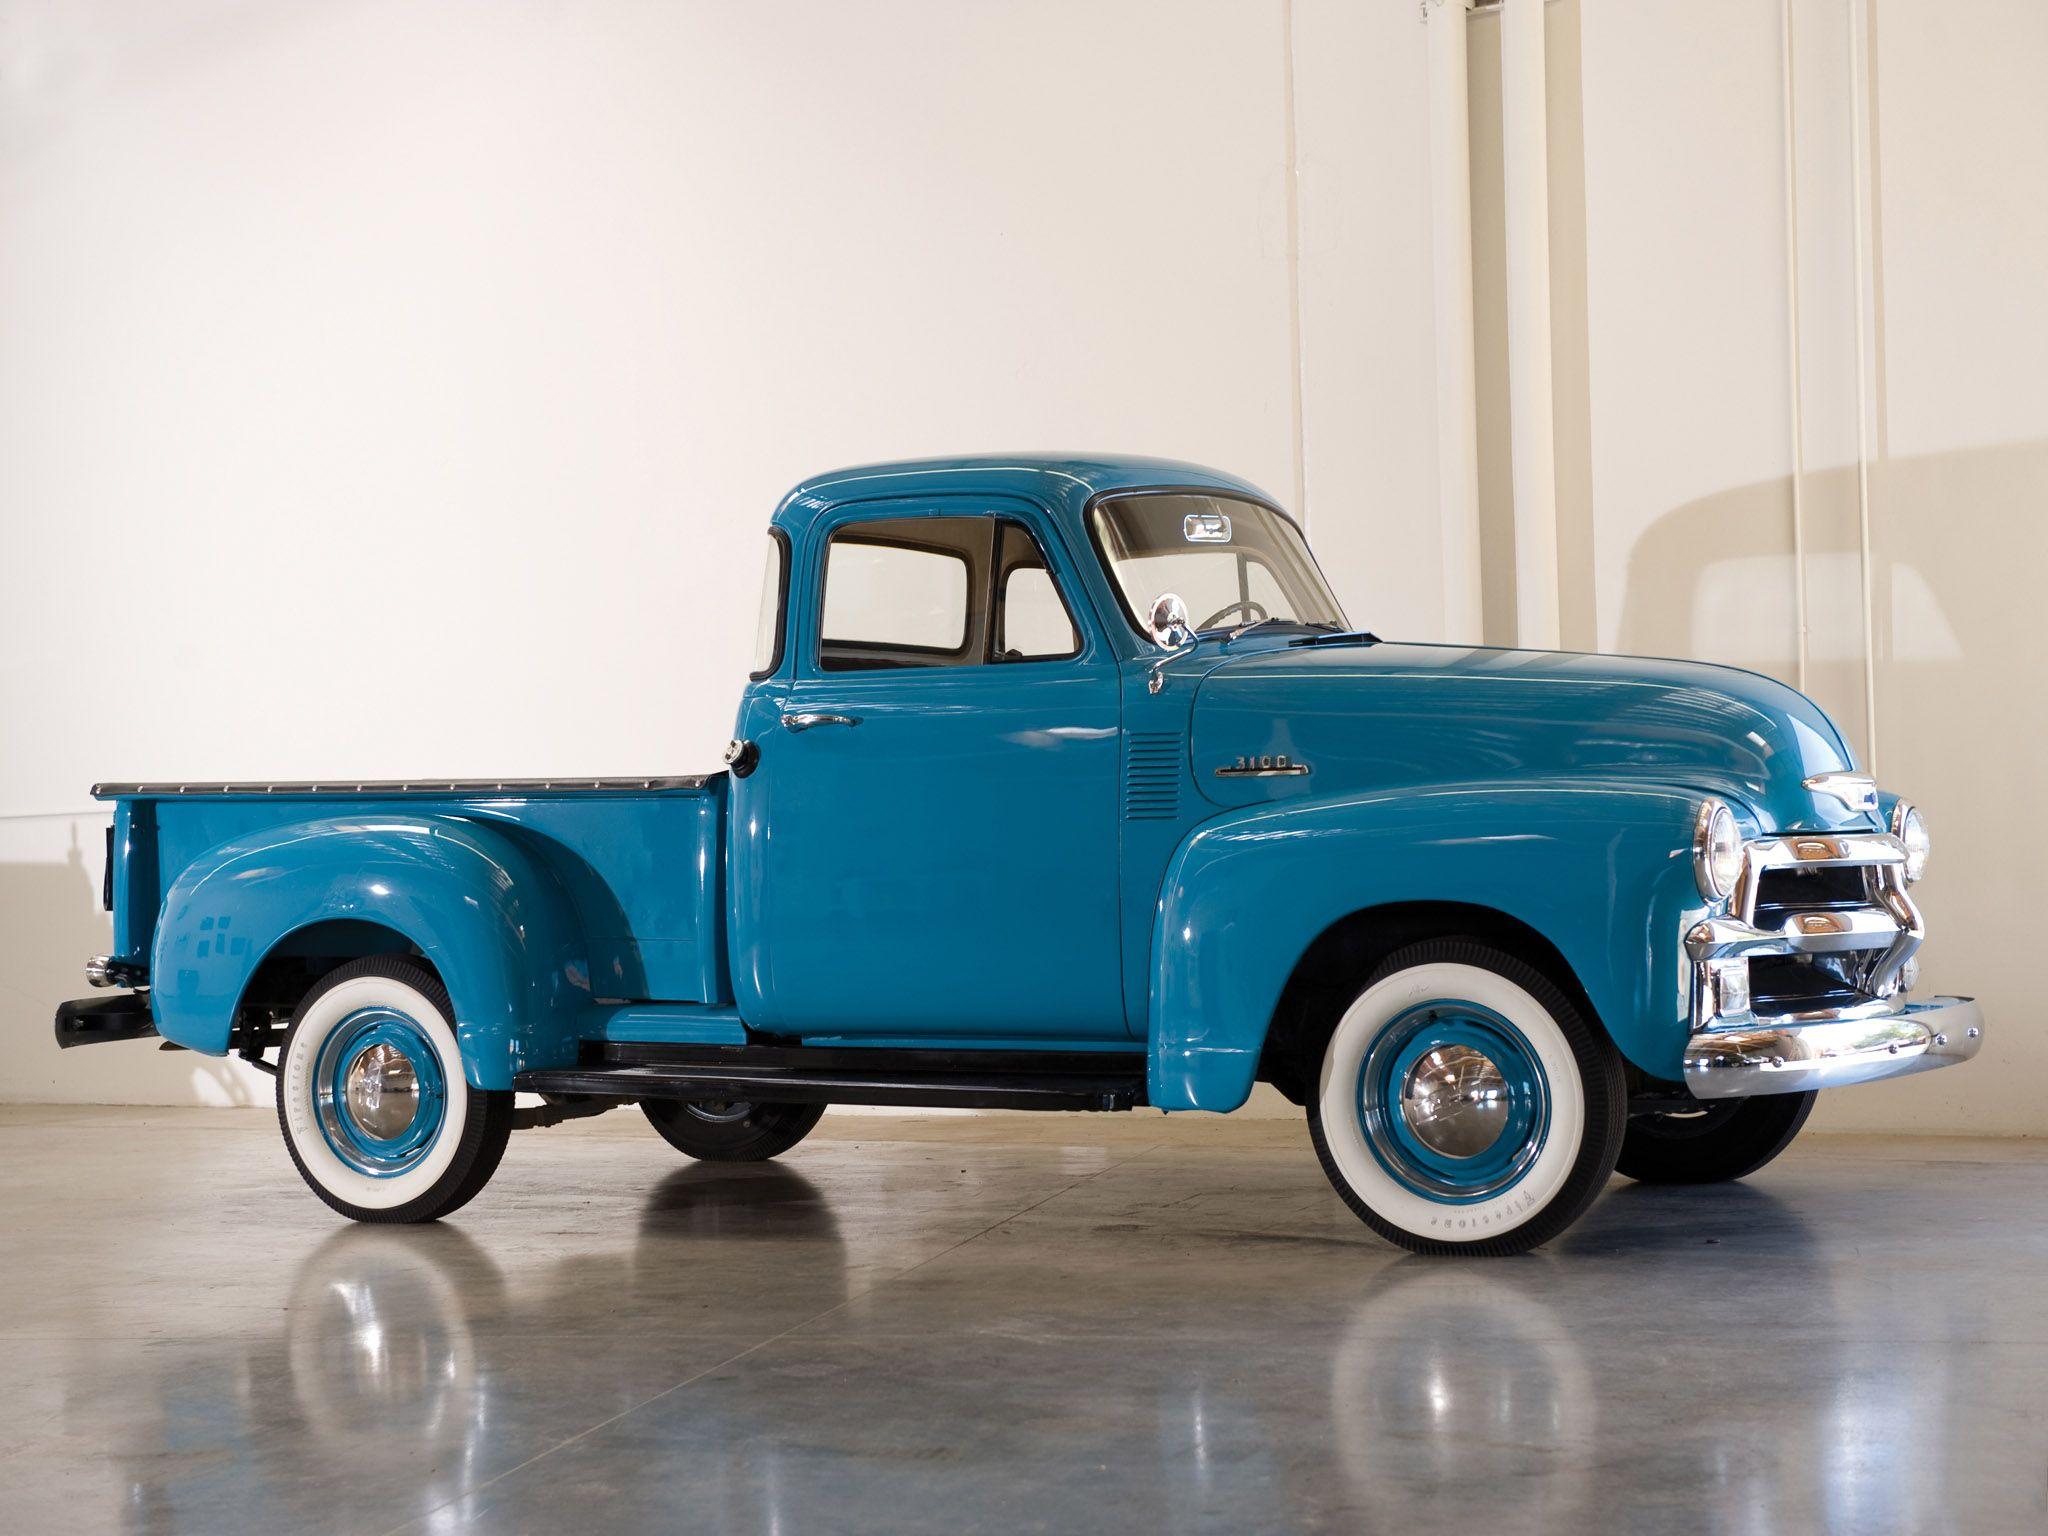 1954 Chevrolet 3100 Pickup Truck Retro G Wallpaper 2048x1536 105330 Wallpaperup Chevy Trucks Classic Cars Trucks Classic Pickup Trucks